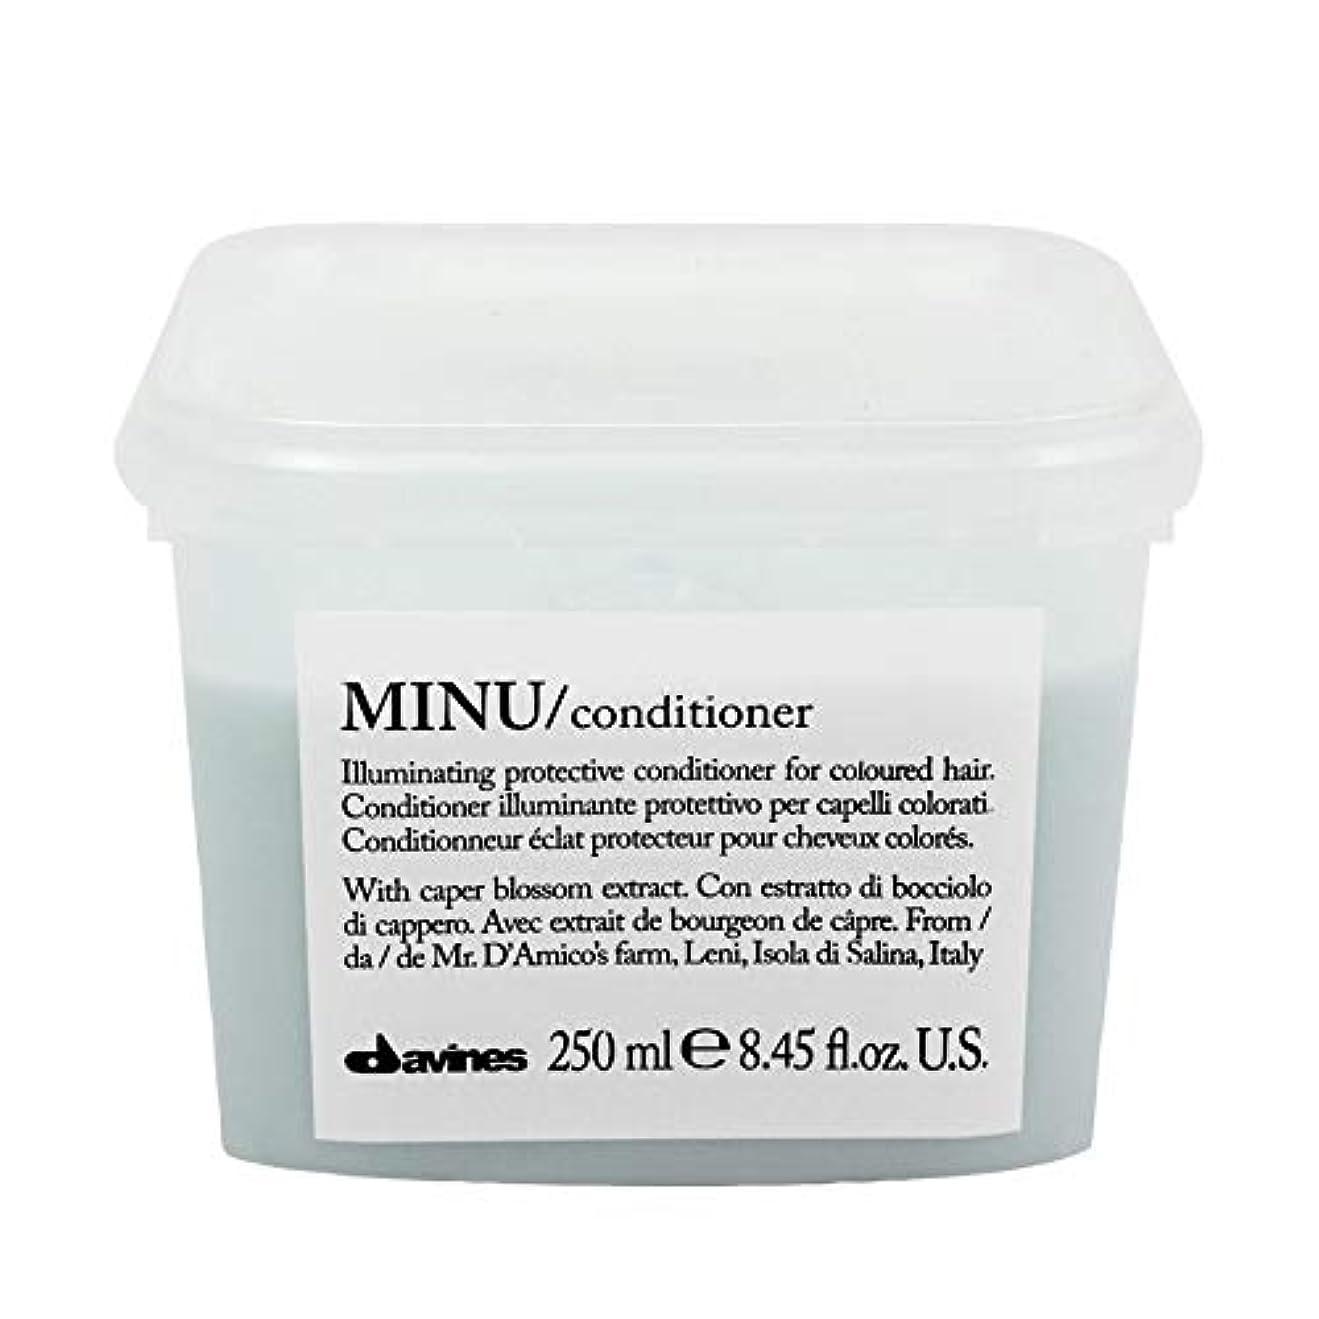 デンプシー配列作り上げる[Davines ] ダヴィネスぬコンディショナー250ミリリットル - Davines Minu Conditioner 250ml [並行輸入品]